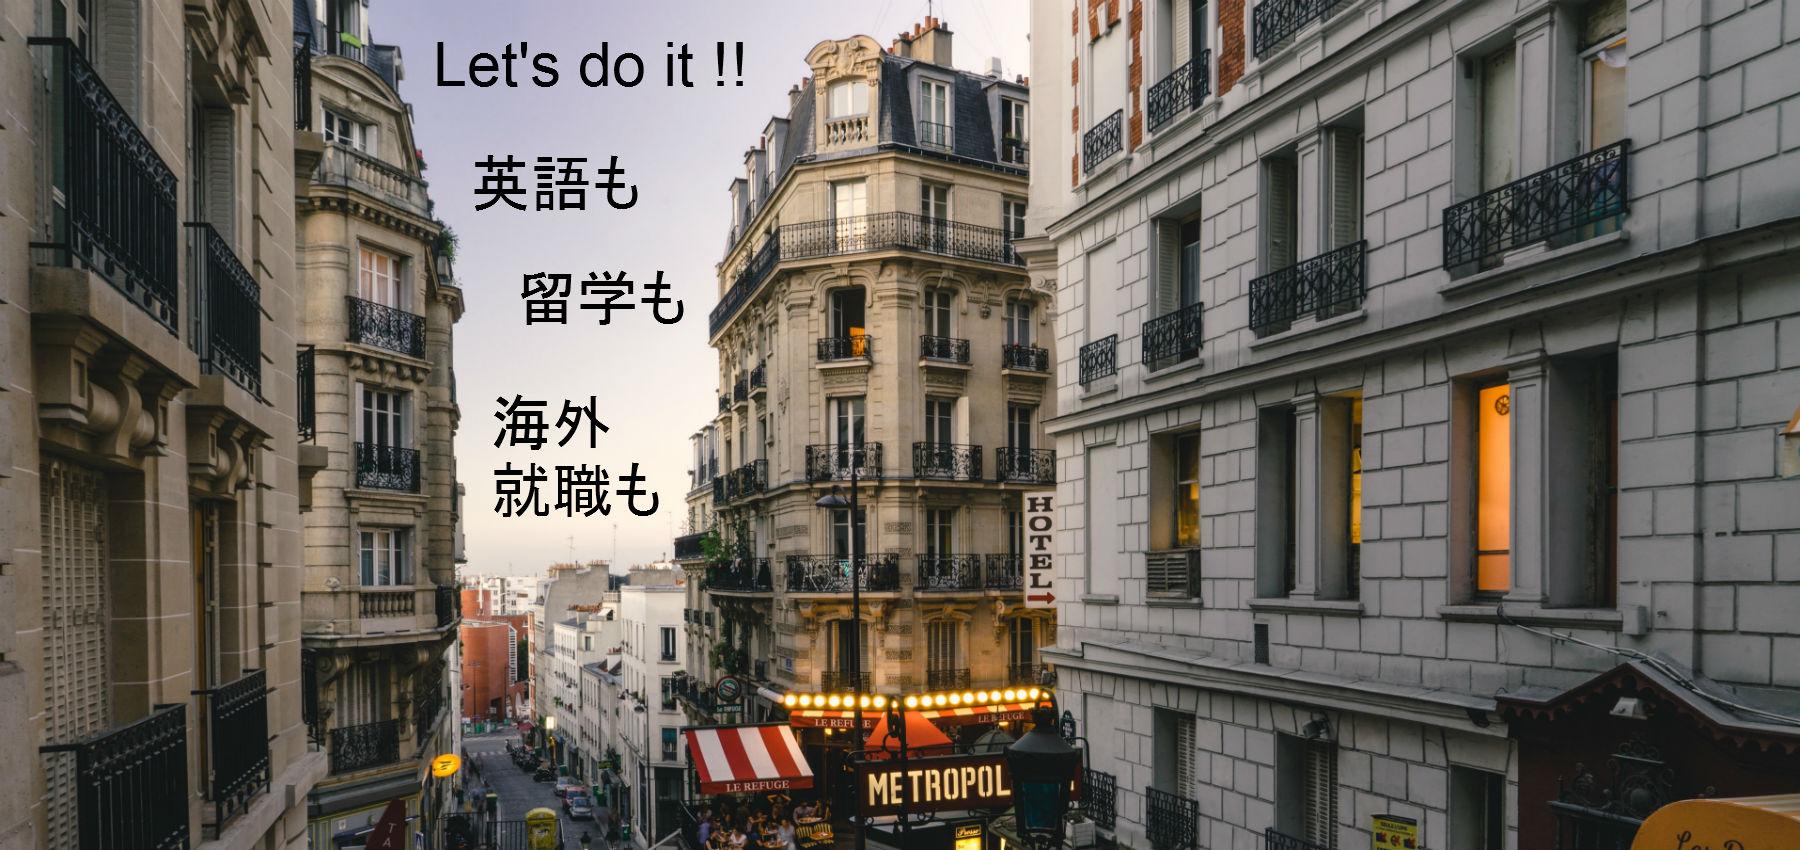 Let's do it! 英語も留学も海外就職も